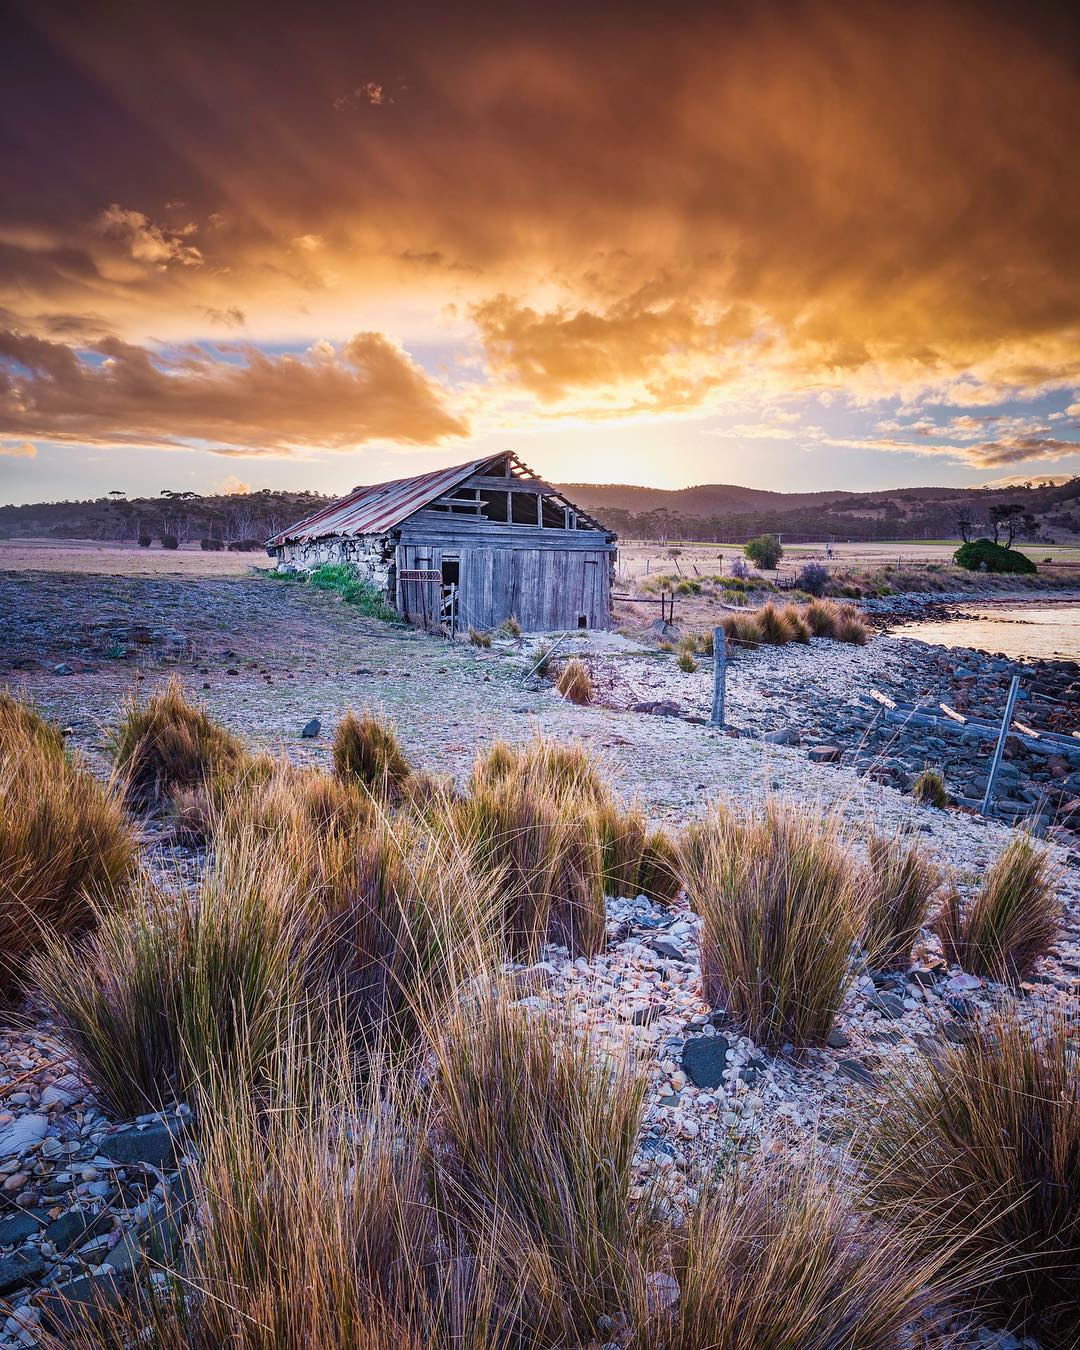 Красивые пейзажные и туристические фотографии Джеймса Блейкени